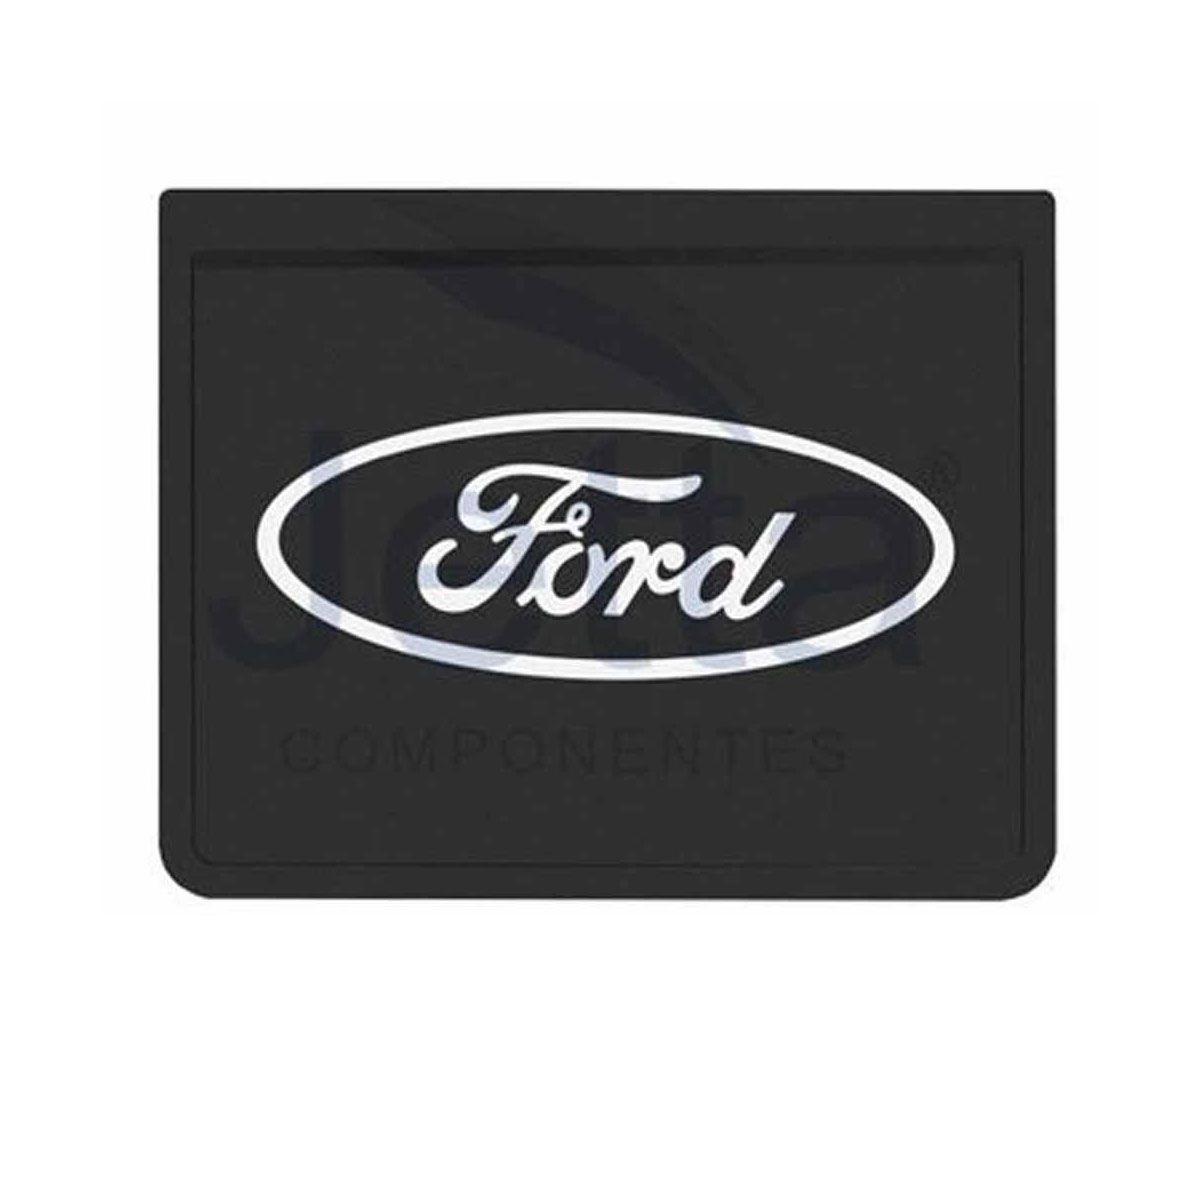 Apara Barro Dianteiro Injetado para Ford (46x36)